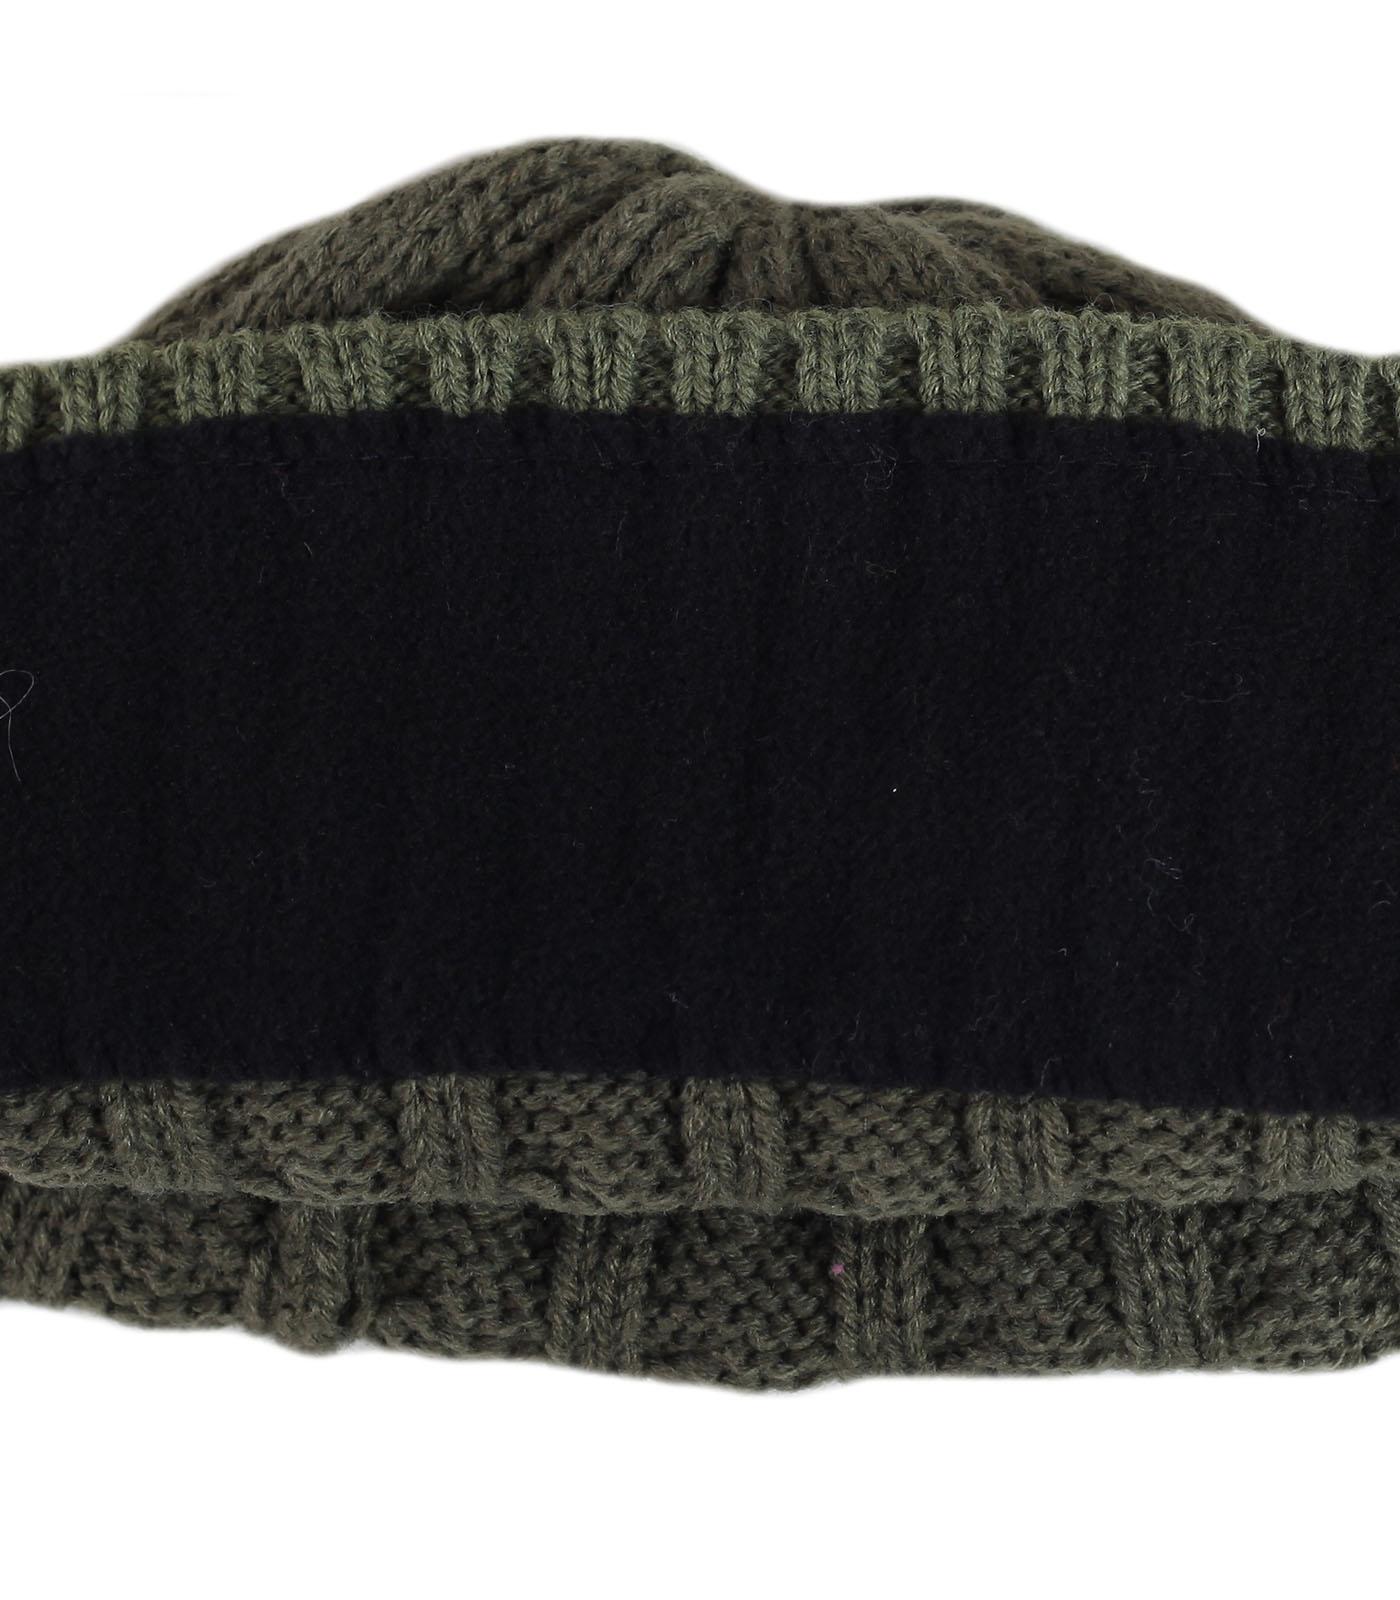 Купить гламурную мужскую шапку с рельефным узором утепленную флисом освежит ваш лук по низкой цене